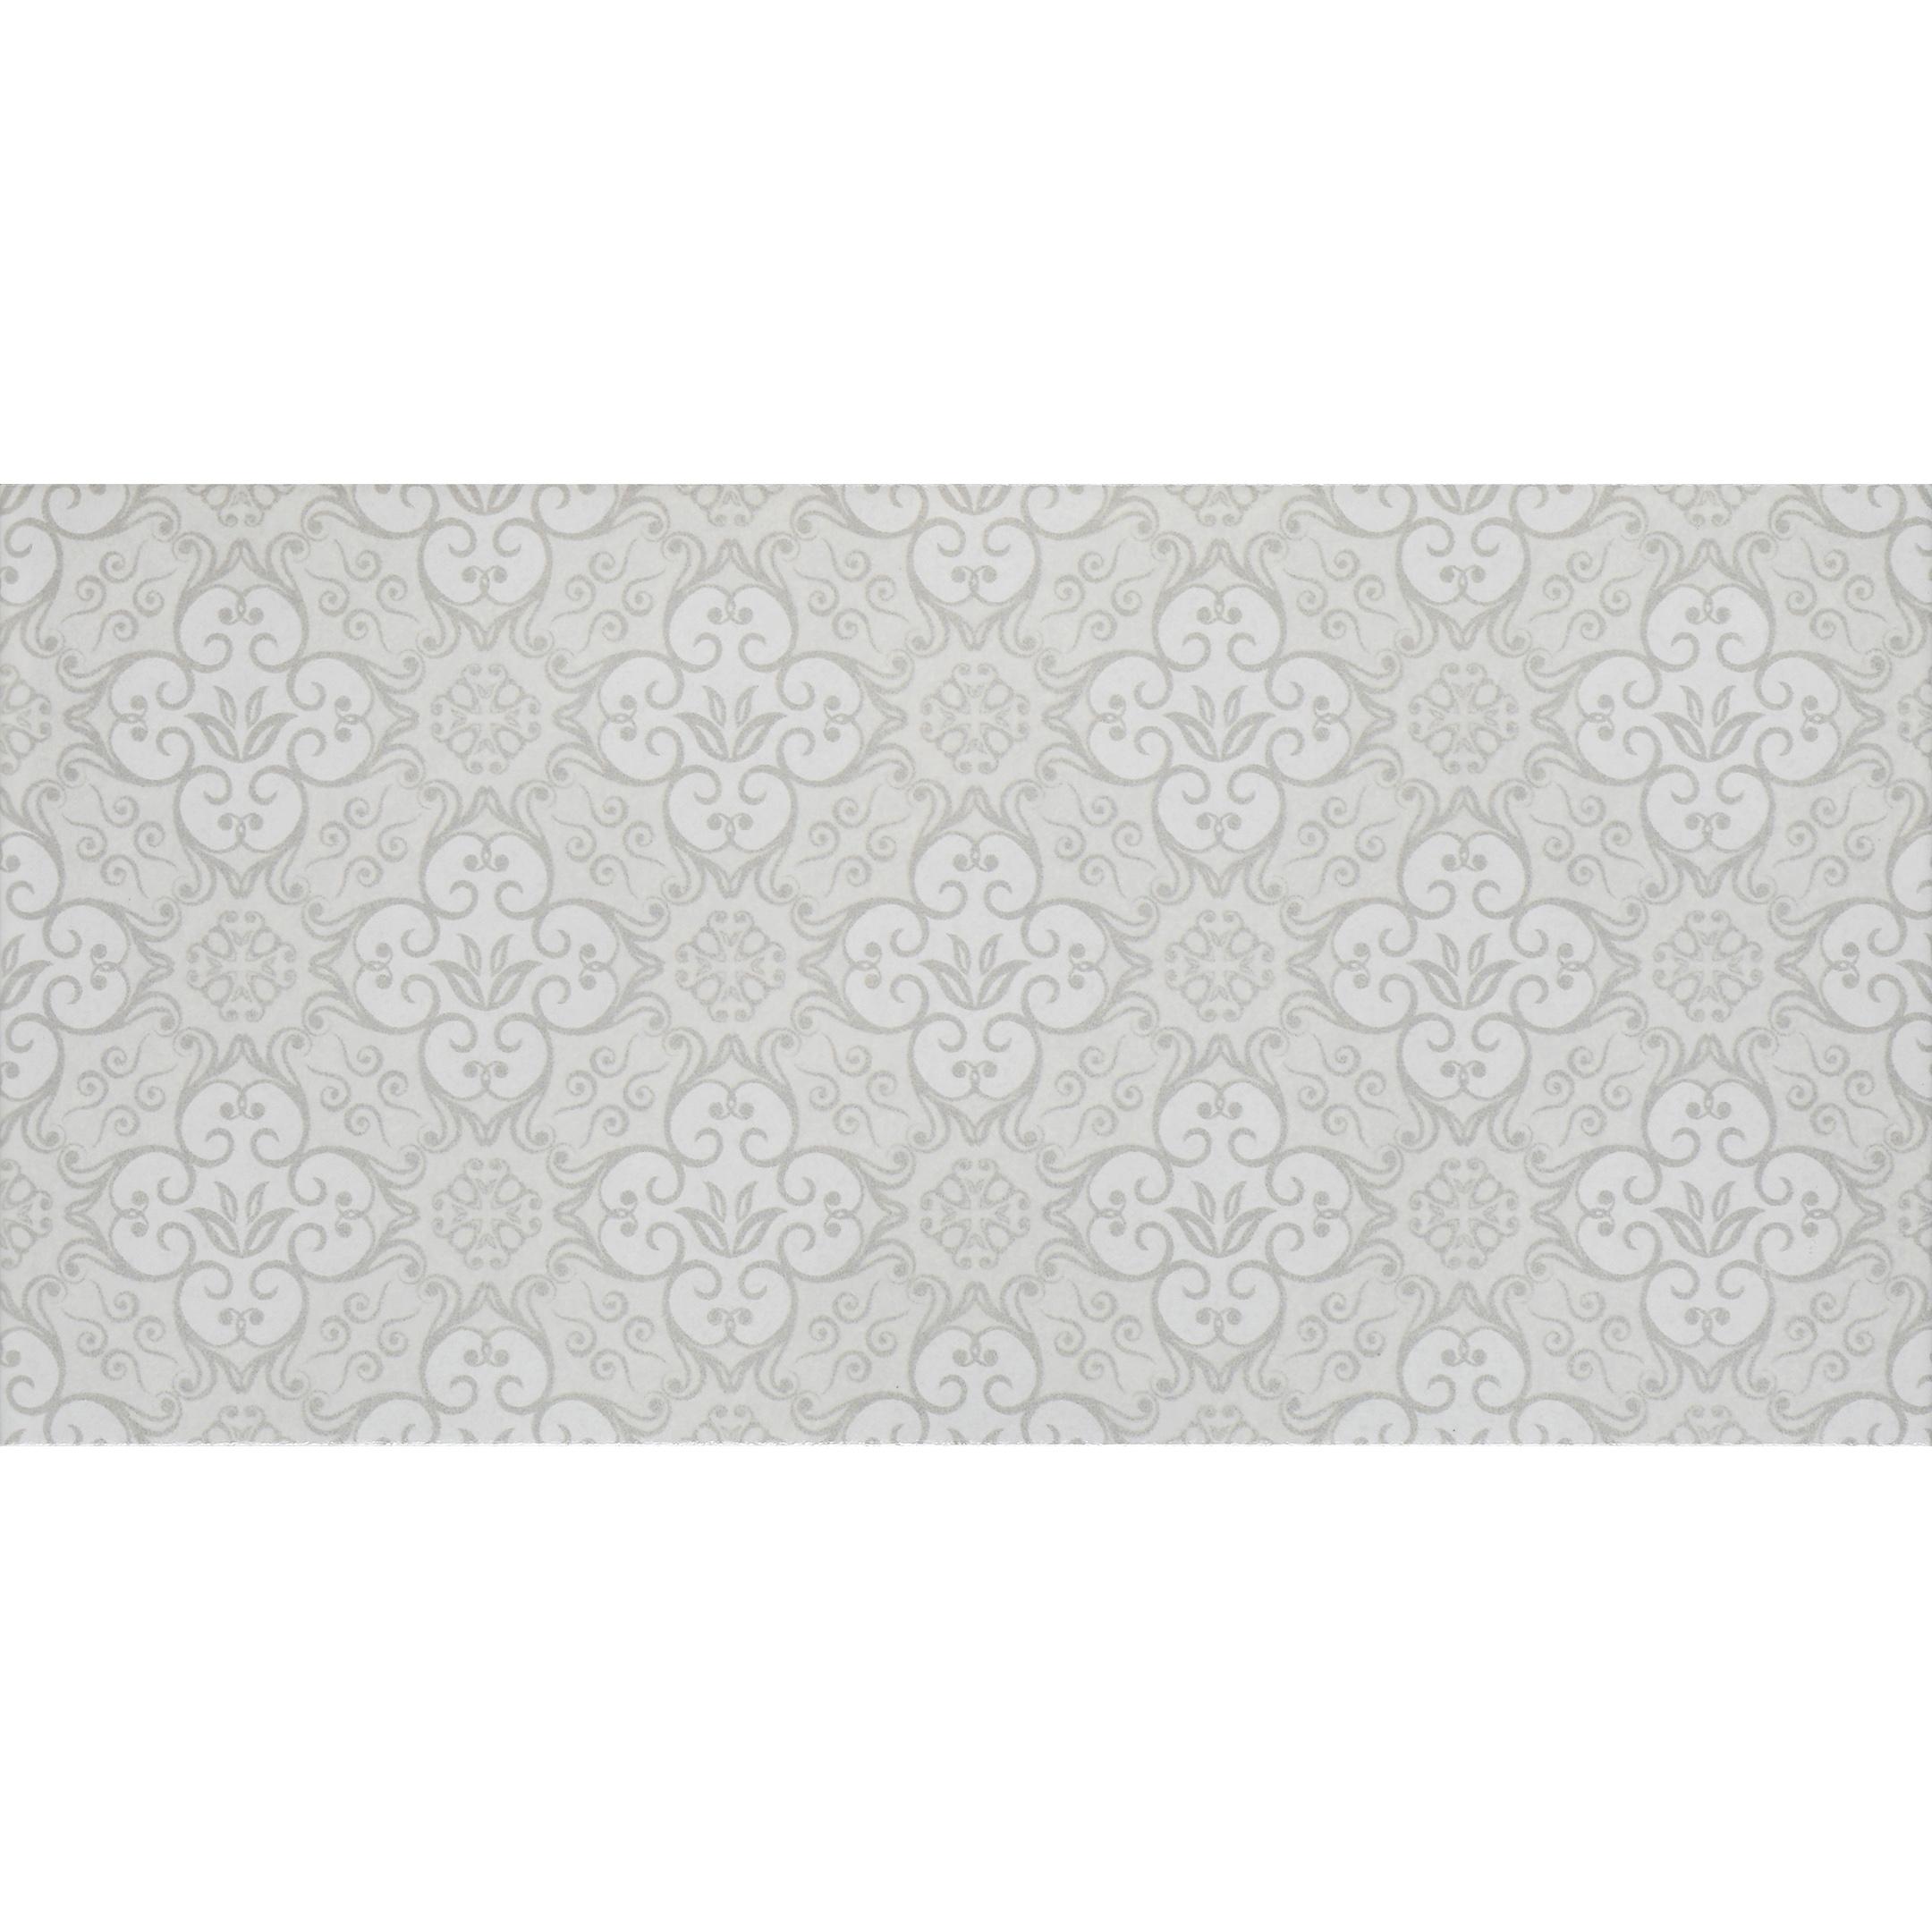 Плитка облицовочная Нефрит-Керамика Алькора серый 200x400x8 мм (15 шт.=1,2 кв.м)